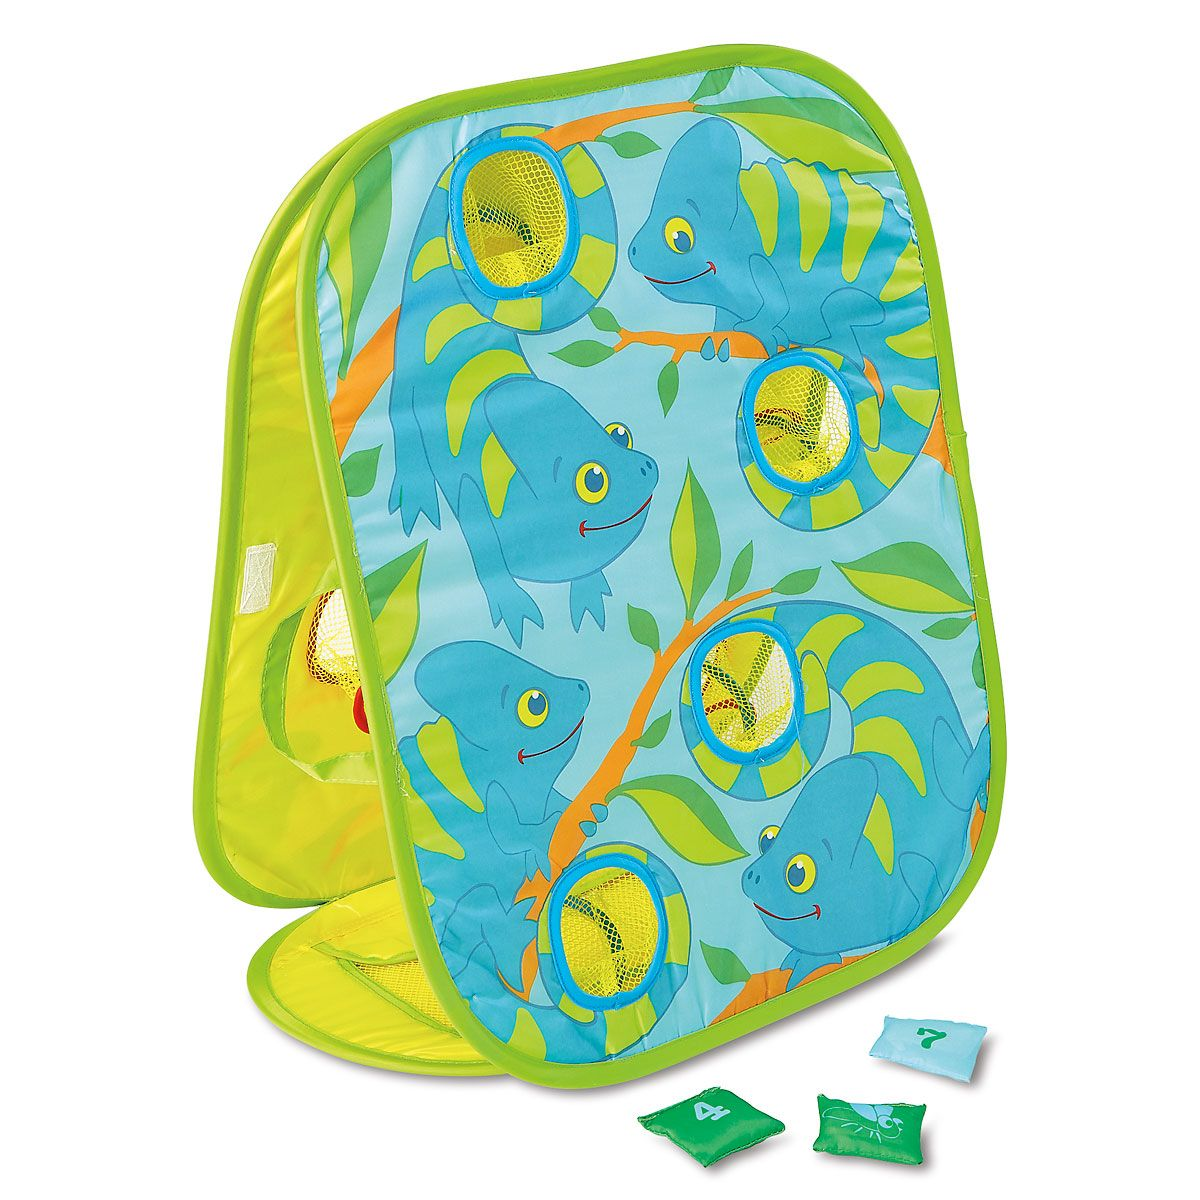 Chameleon-Design Bean Bag Toss by Melissa & Doug®